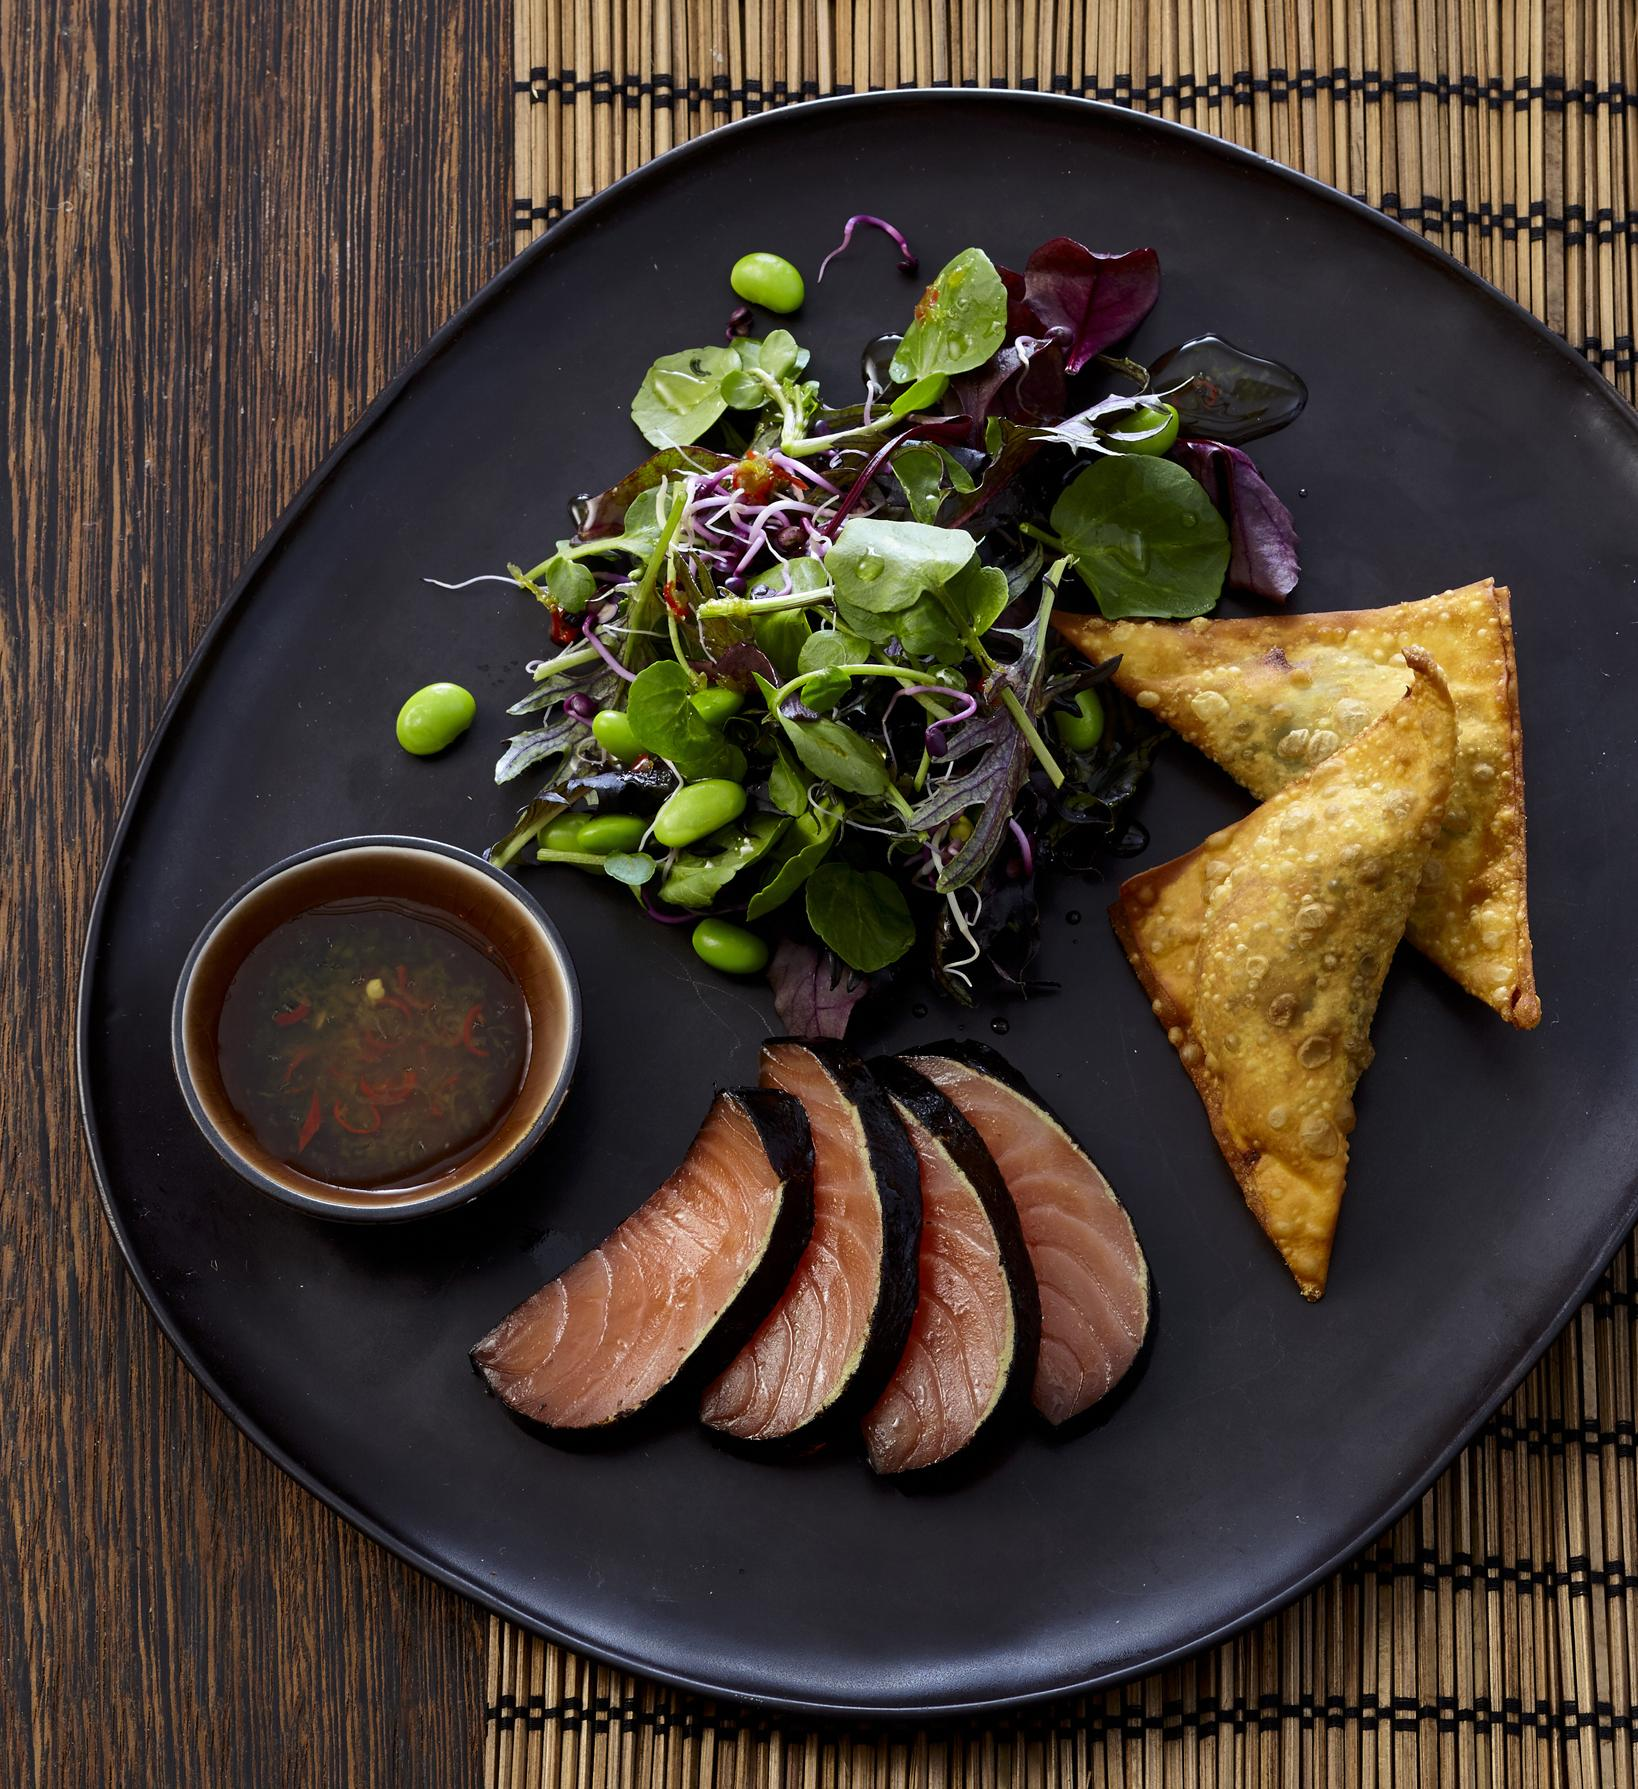 nori lachs mit asiatischem salat vorspeisen rezepte. Black Bedroom Furniture Sets. Home Design Ideas